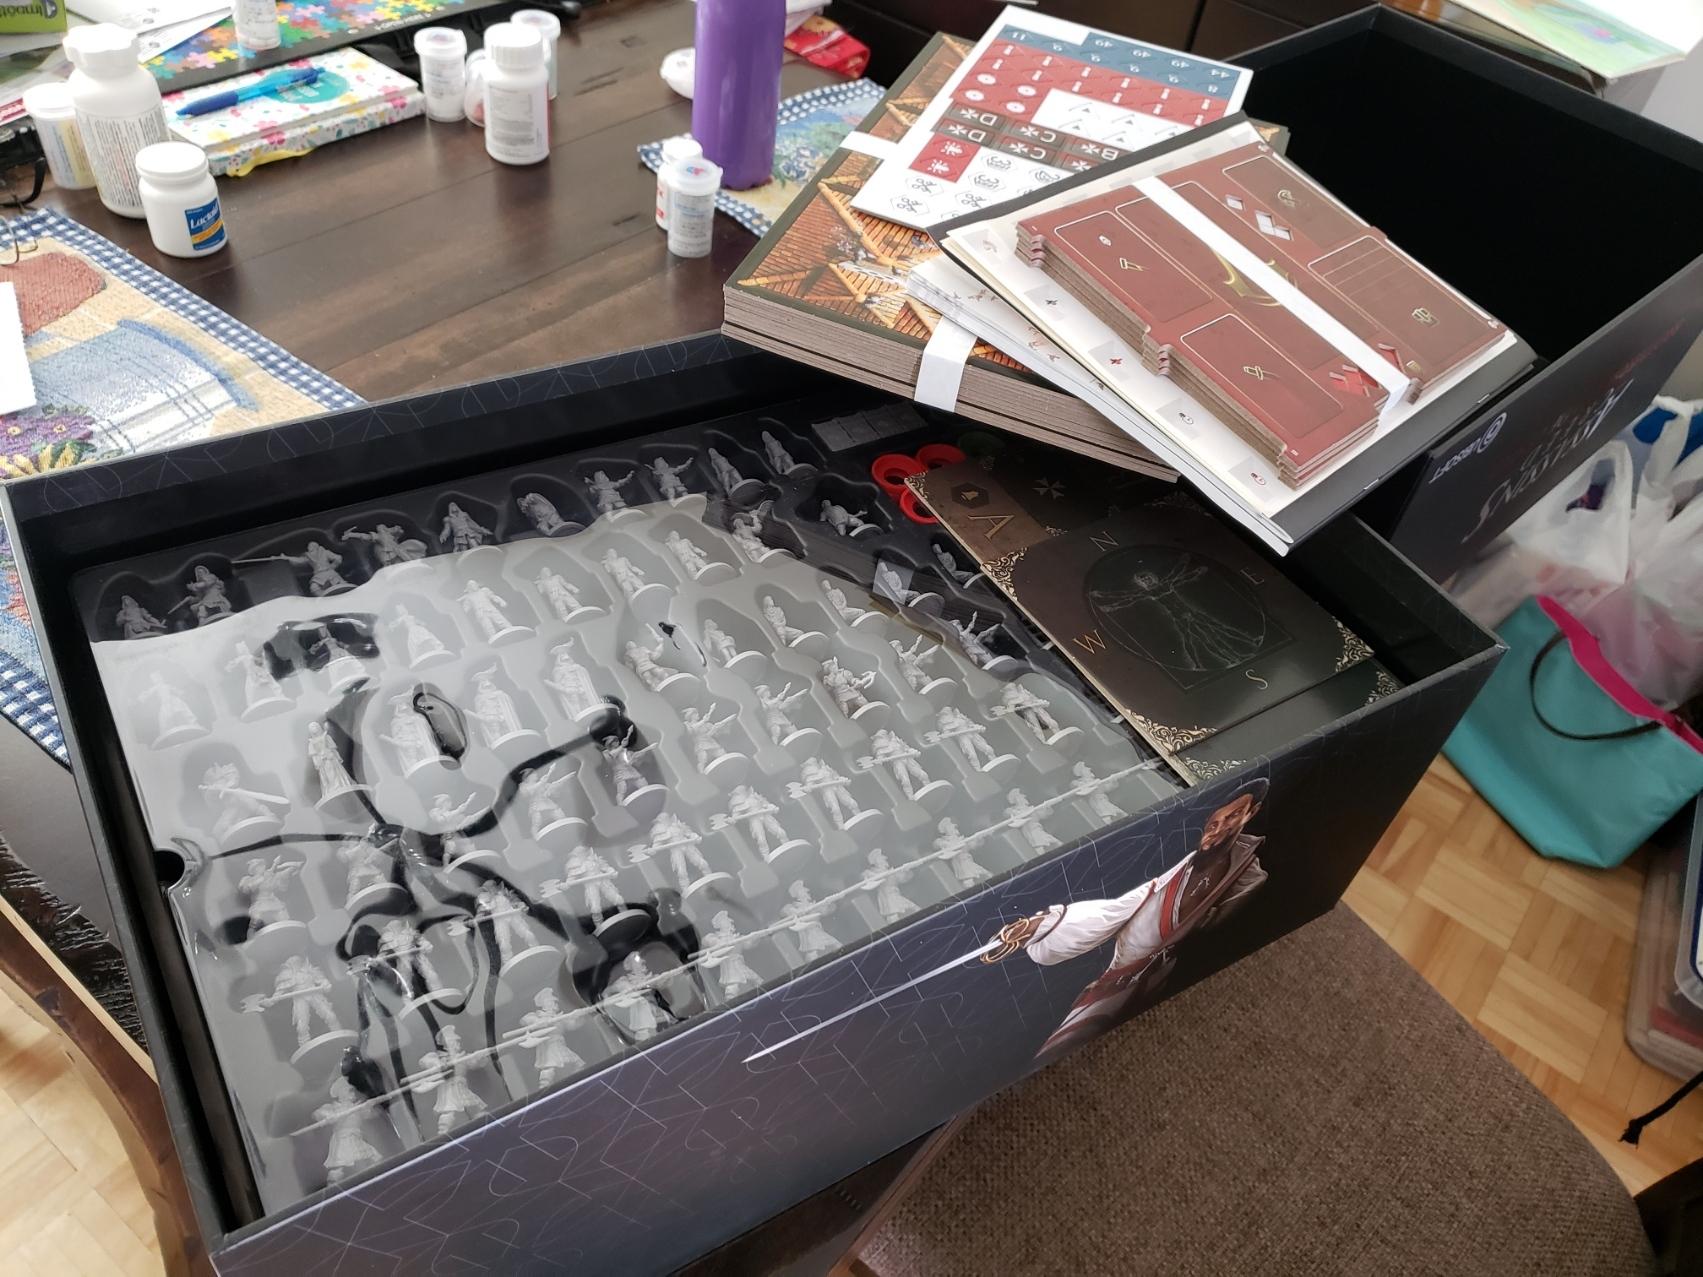 Accéder au contenu de la boîte est facilité par trois plateaux de plastique pratiques